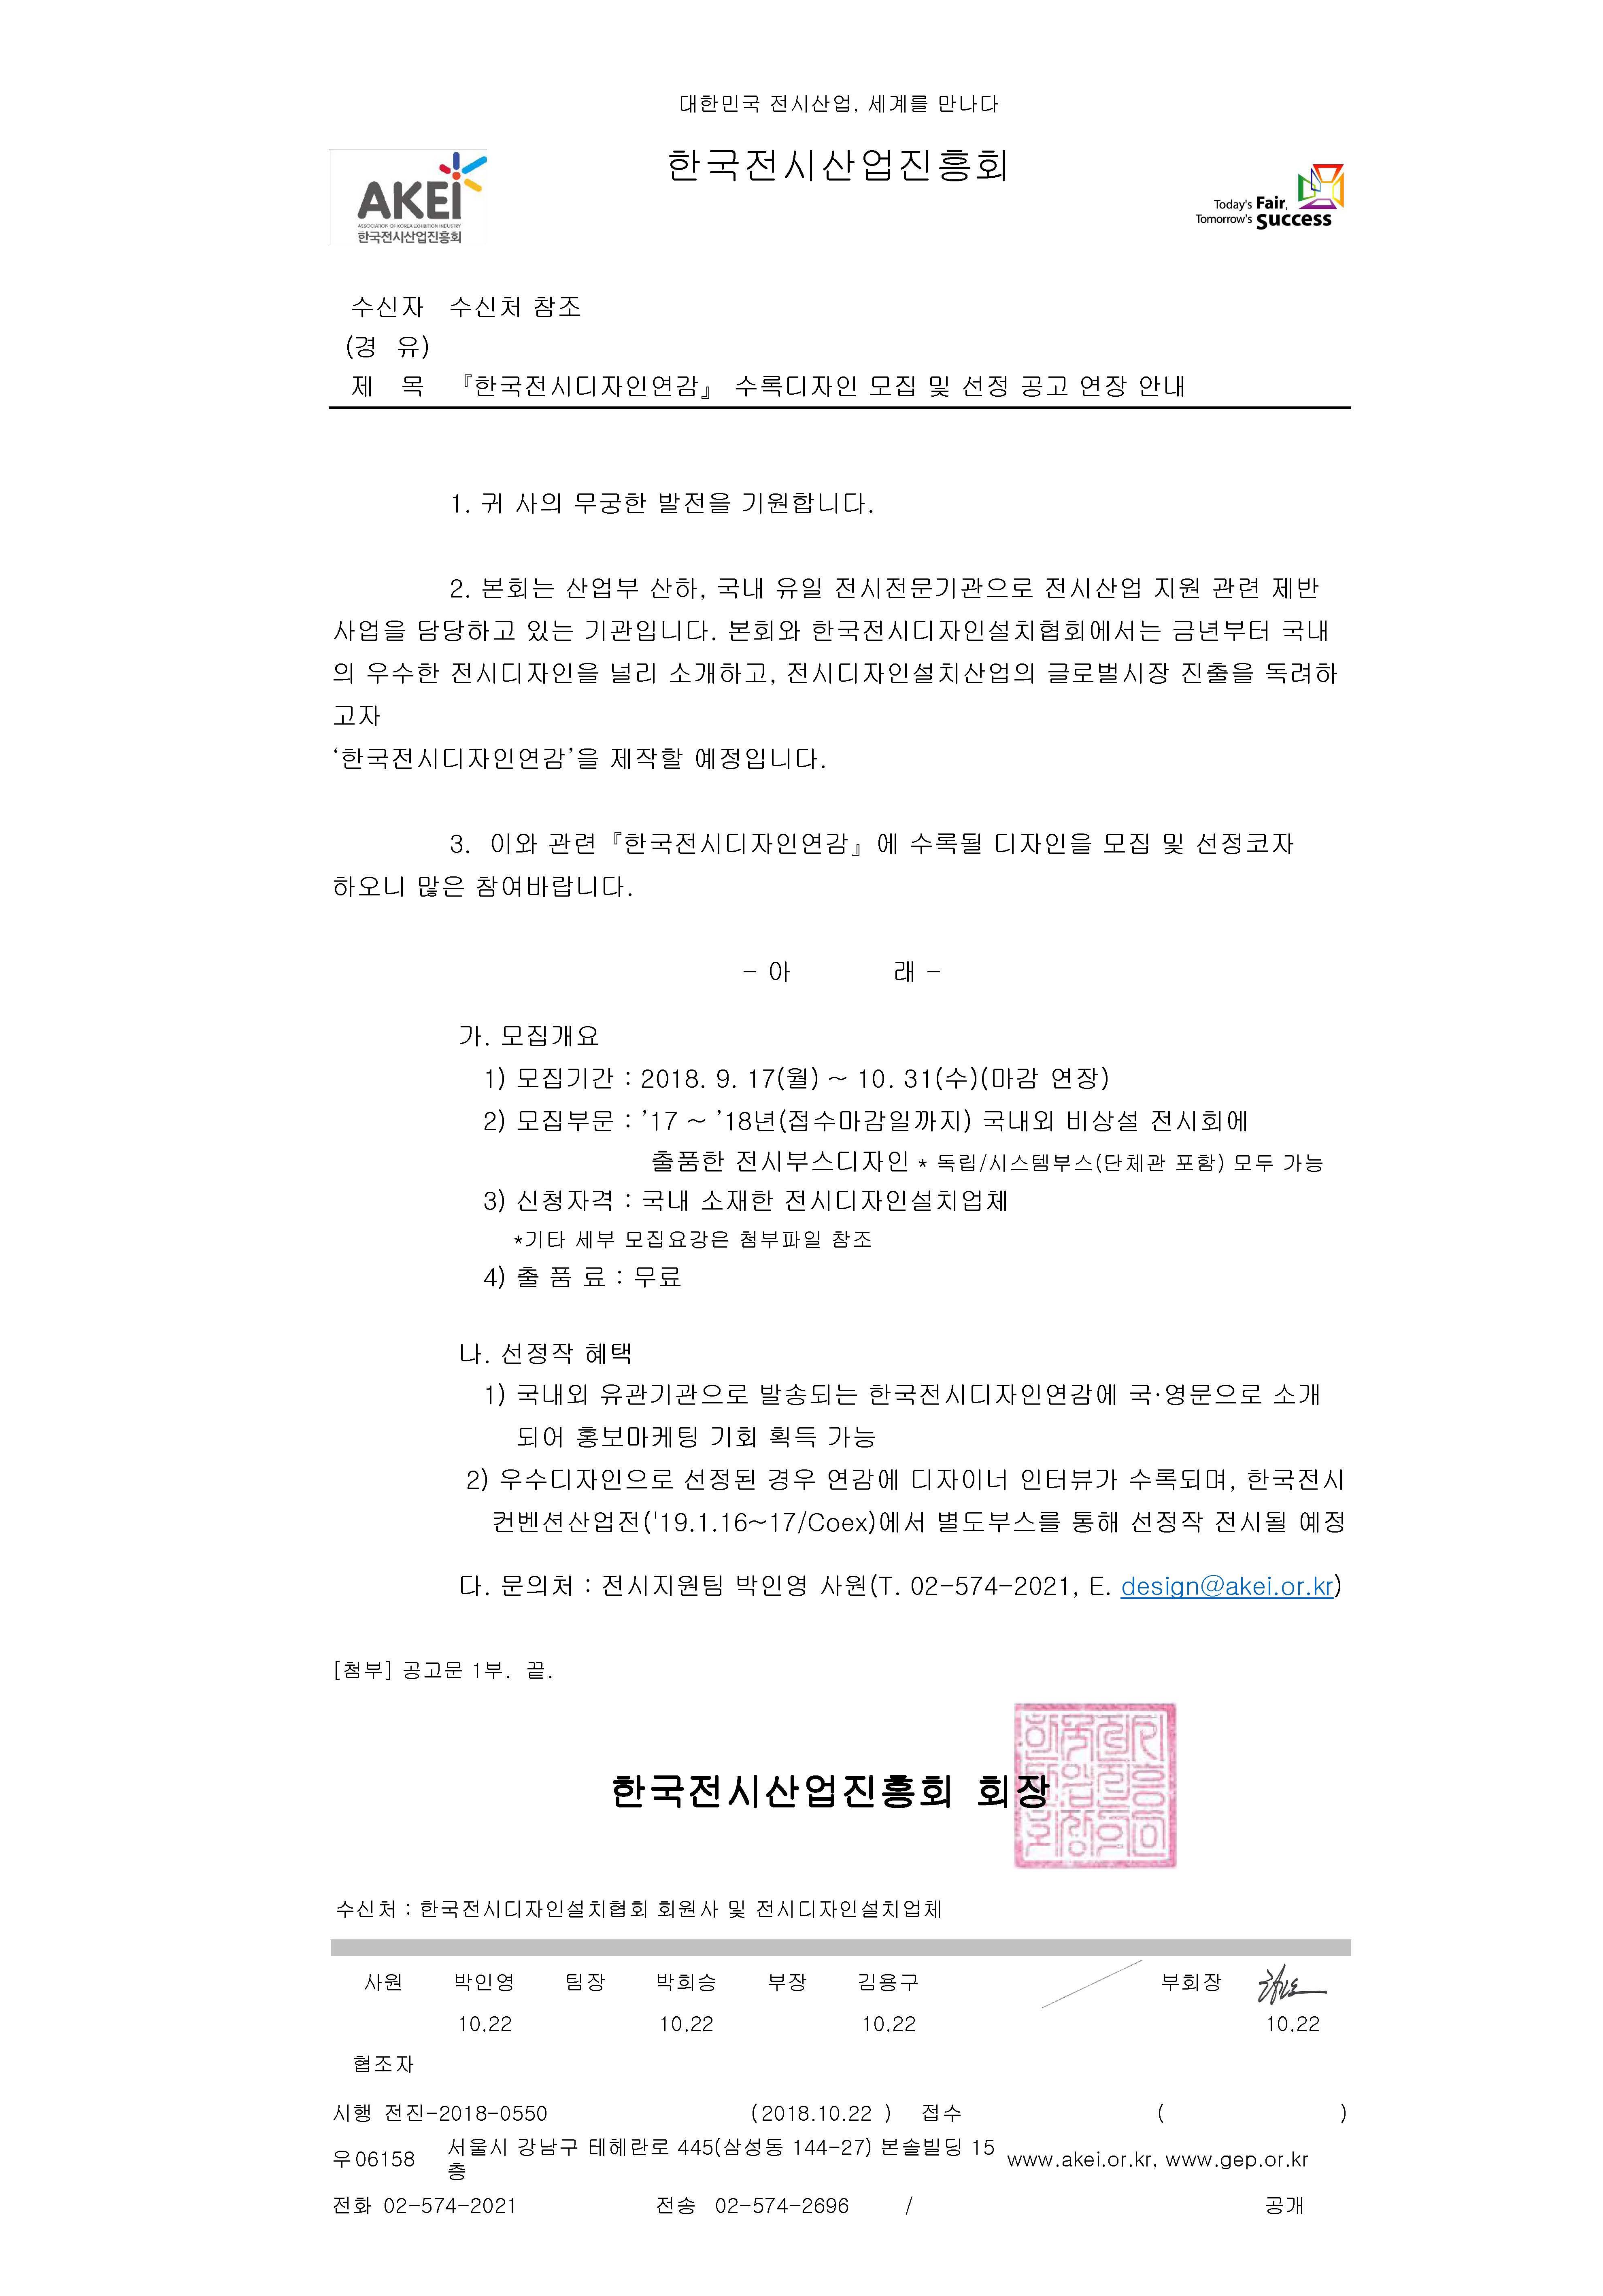 [첨부] 한국전시디자인연감 수록 디자인 모집 및 선정 공고 연장 안내.jpg